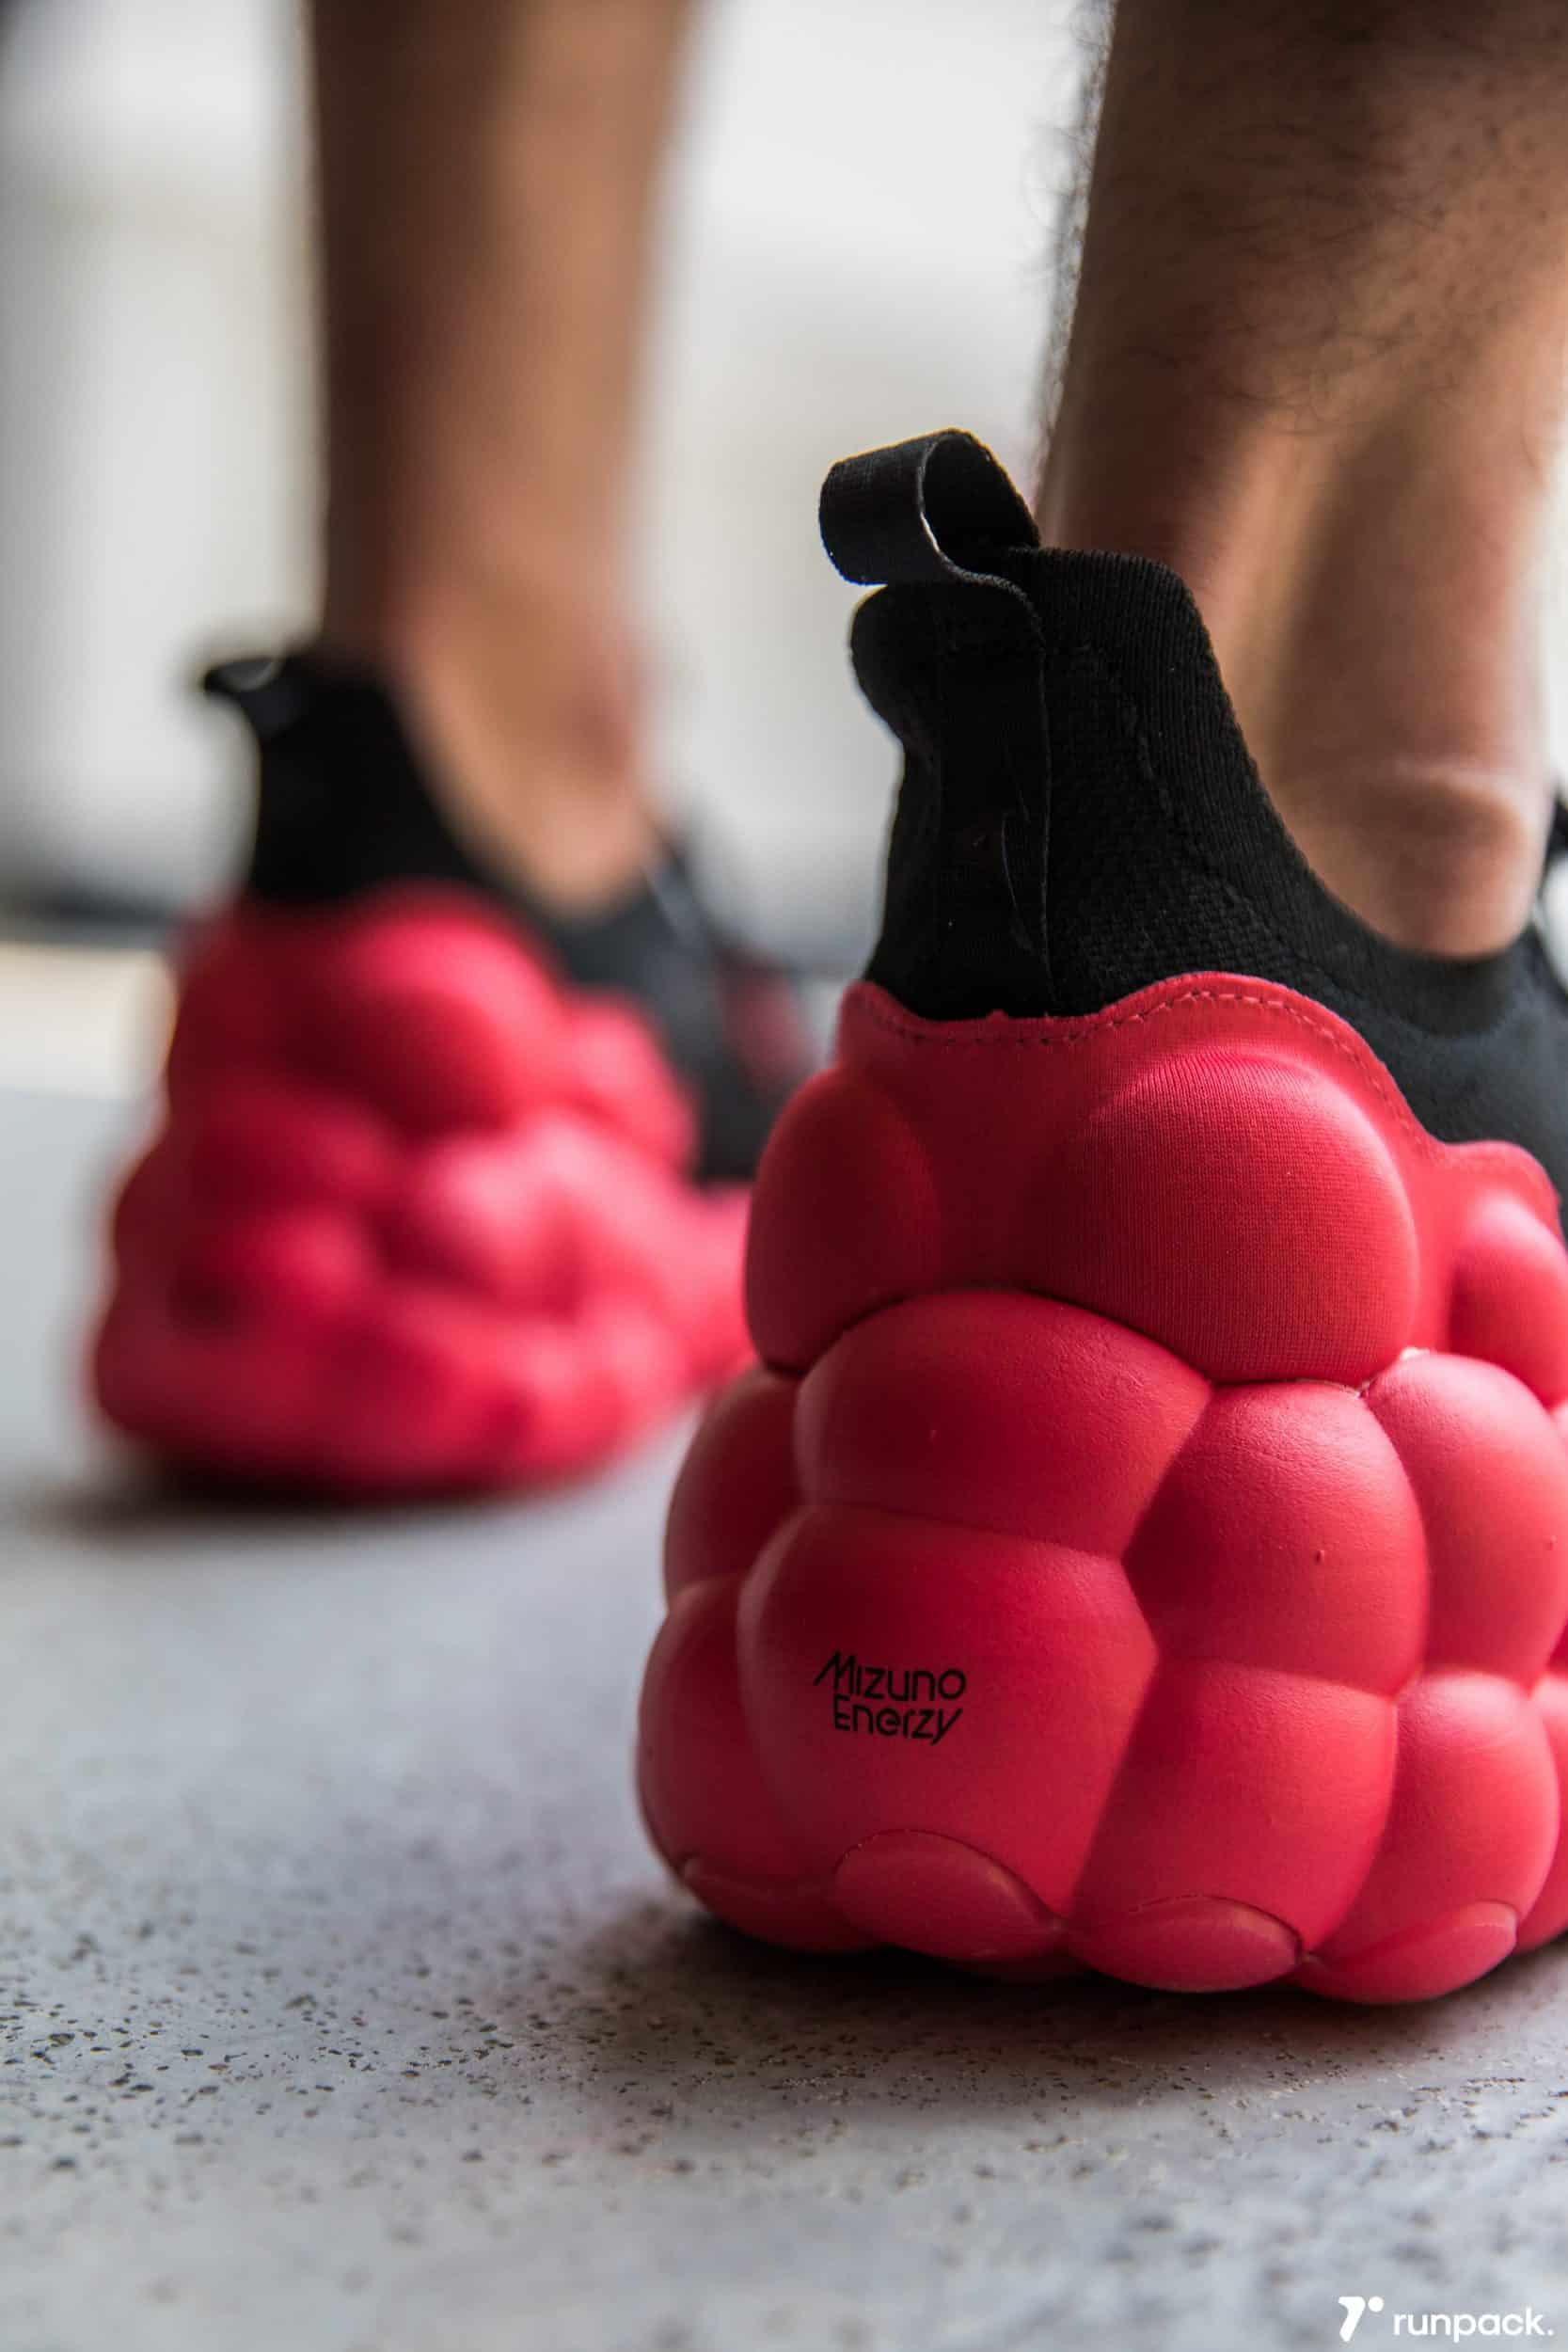 Nouvelle technologie pour les chaussures de hand, voici